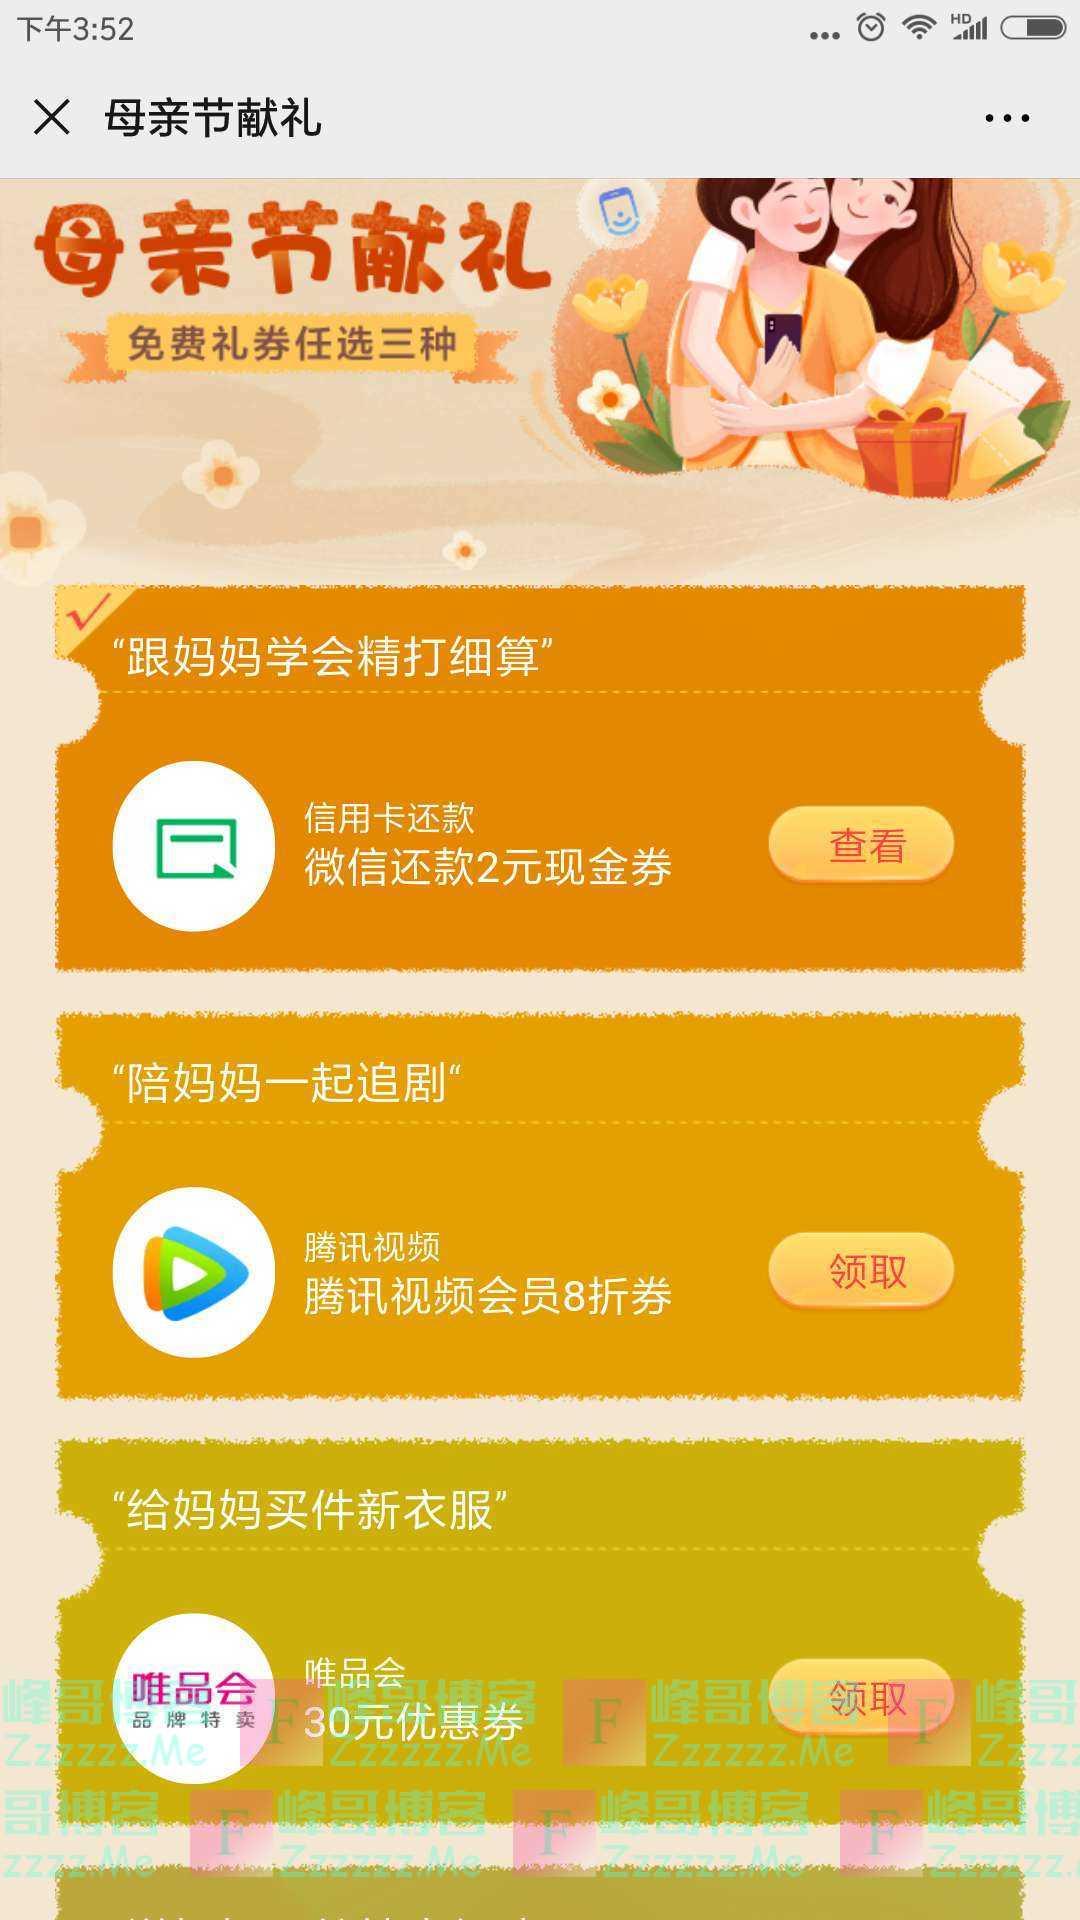 腾讯手机充值母亲节献礼领xing/用卡还款2元现金券(截止5月13日)